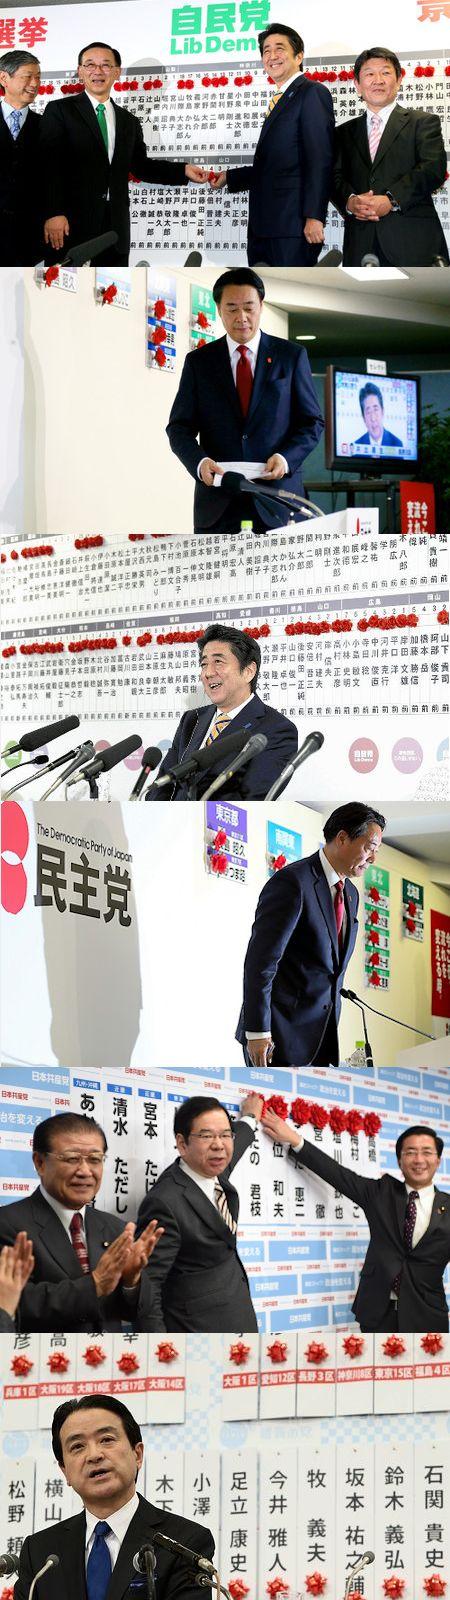 改憲の政局が始まる - 野党再編、憲法改正、安倍談話の三位一体で_c0315619_1544089.jpg